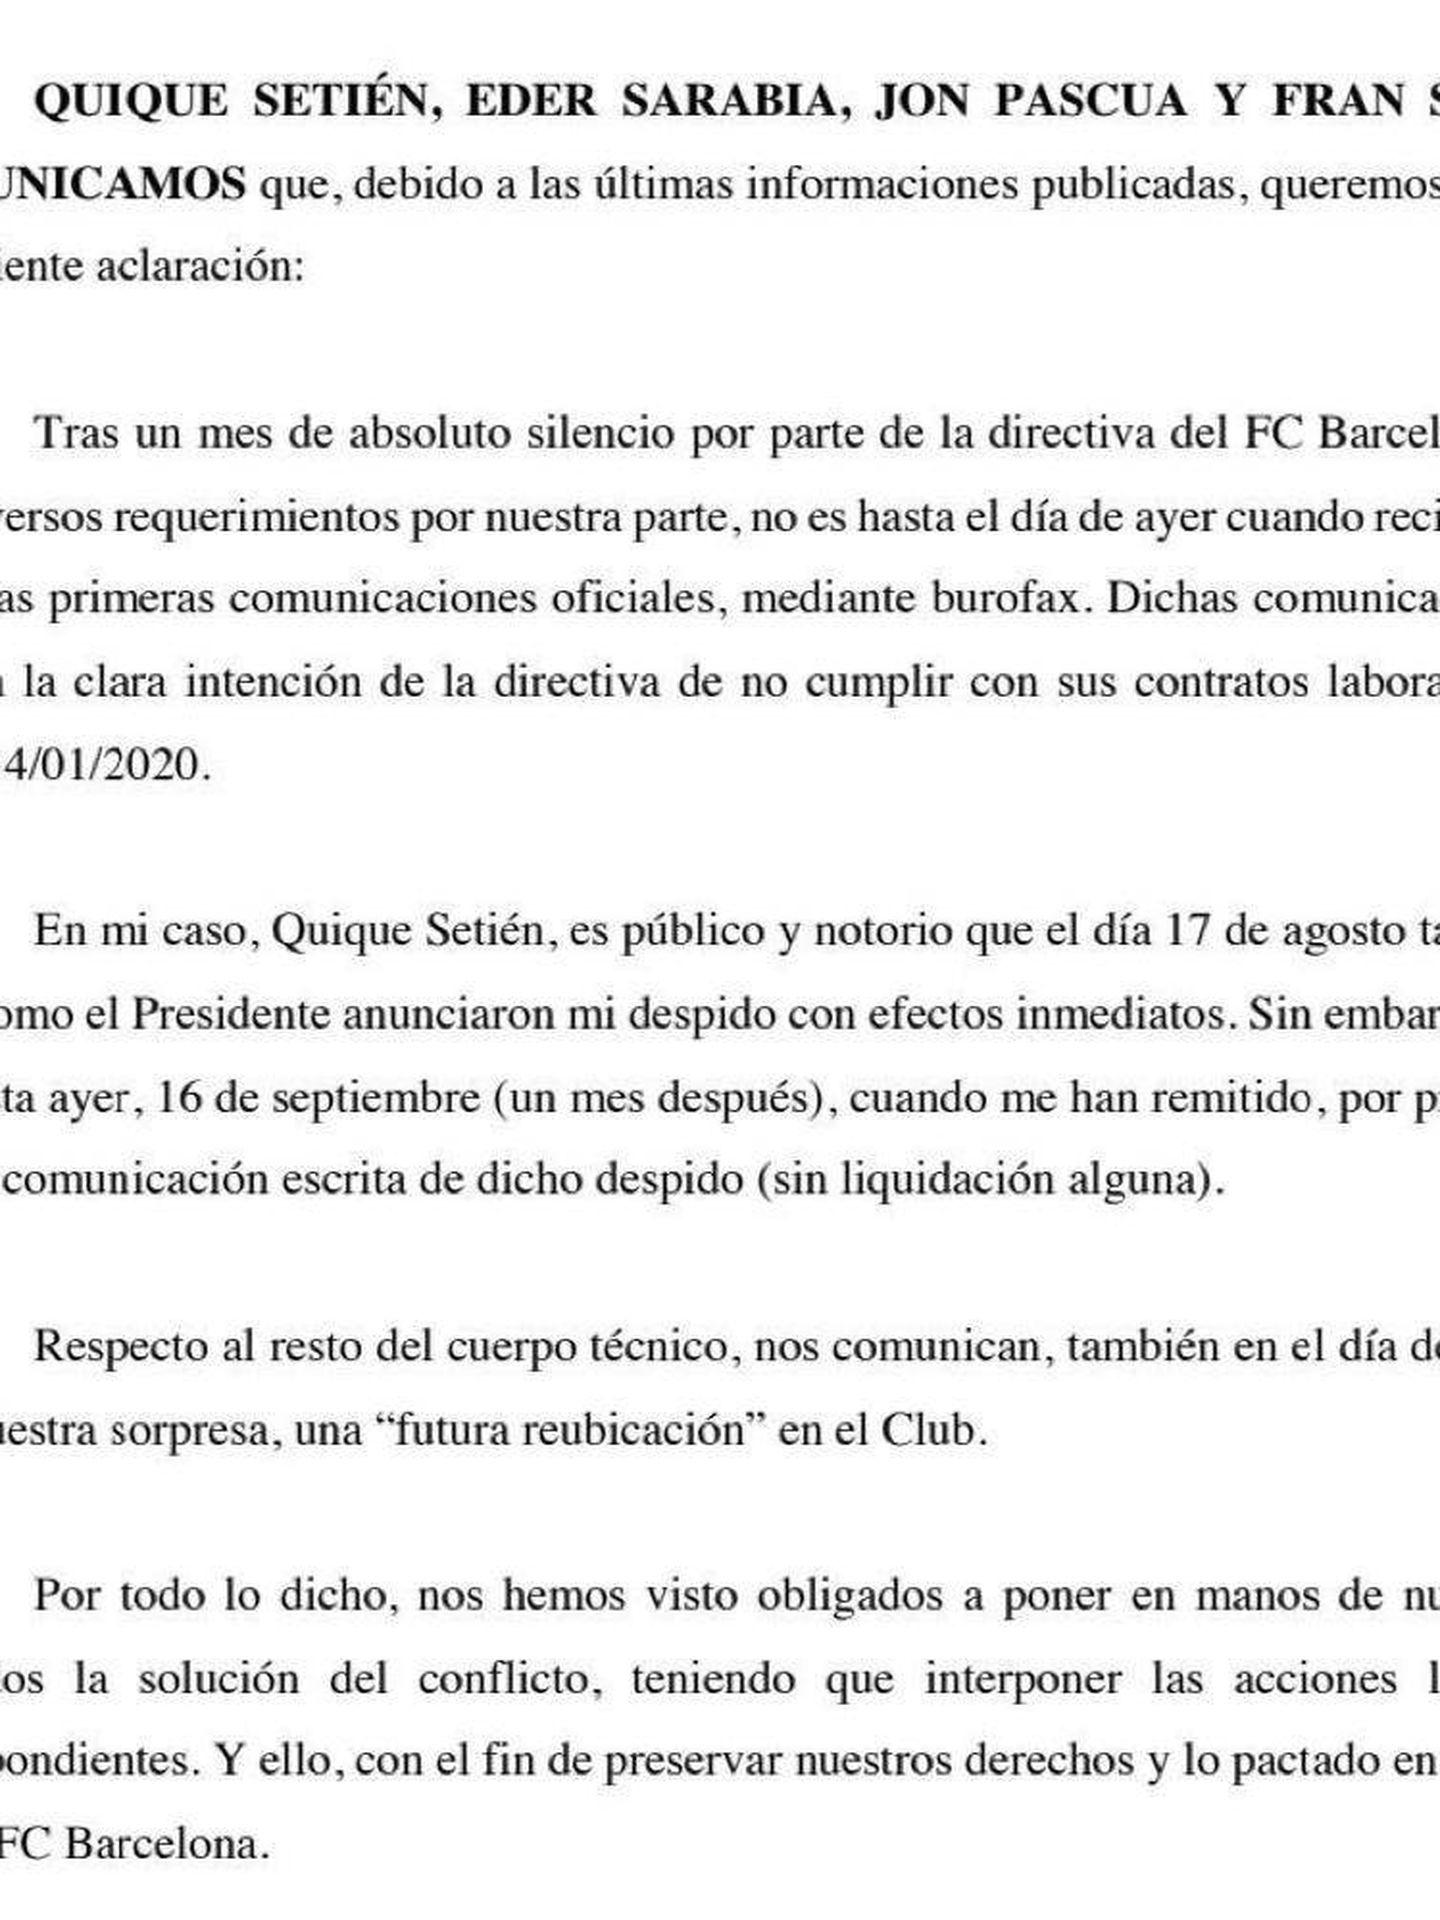 Comunicado de Quique Setién.